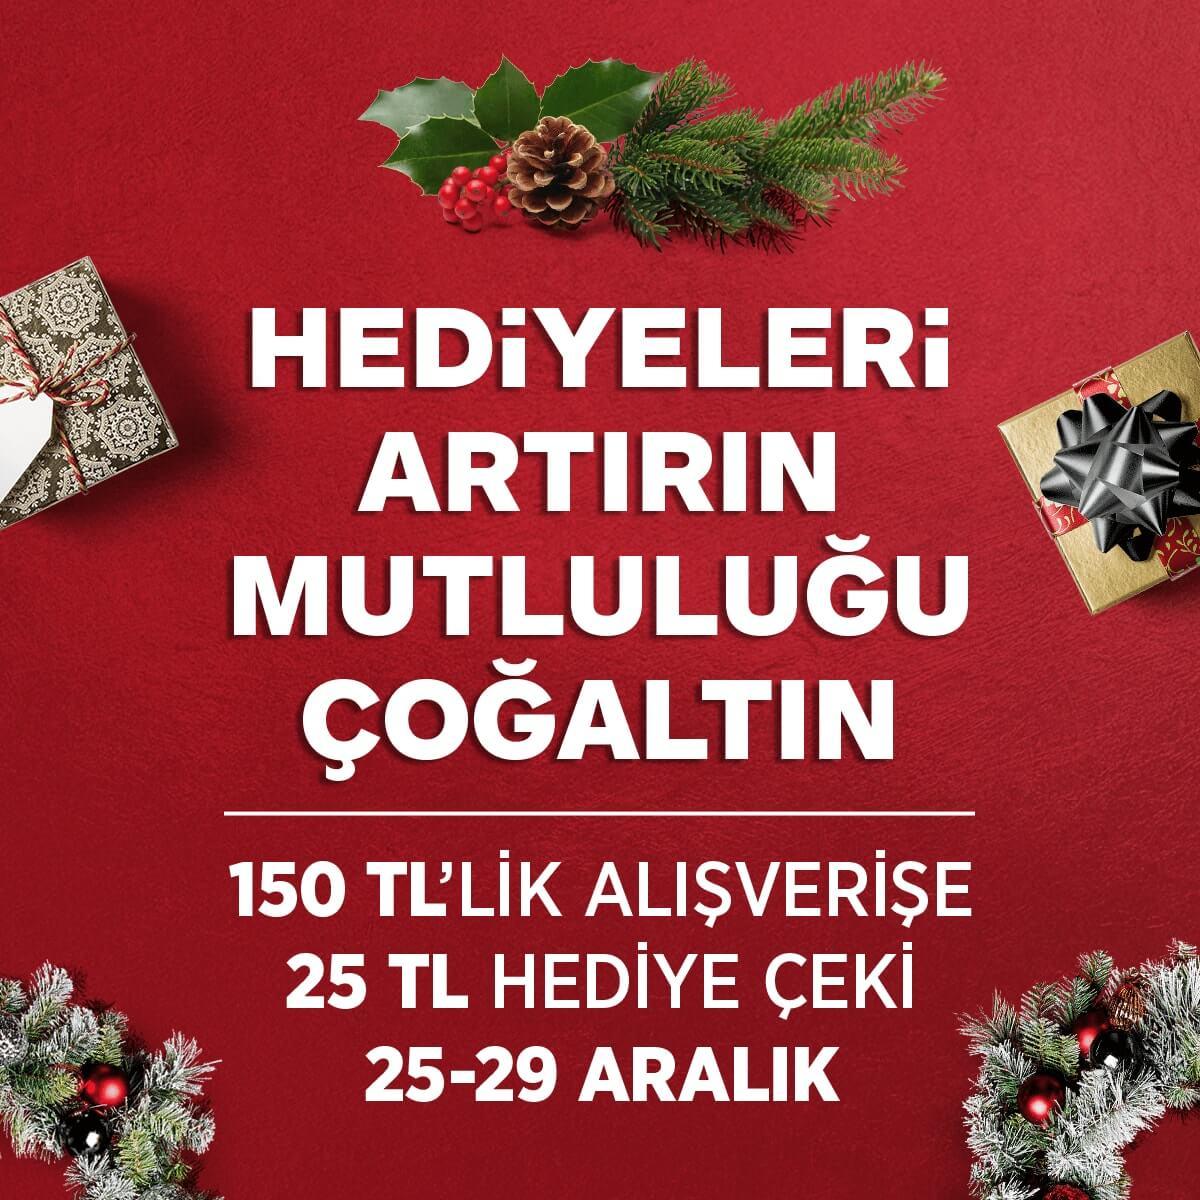 Yeni Yılda Hediyeniz Atlantis'ten 30-31 Aralık